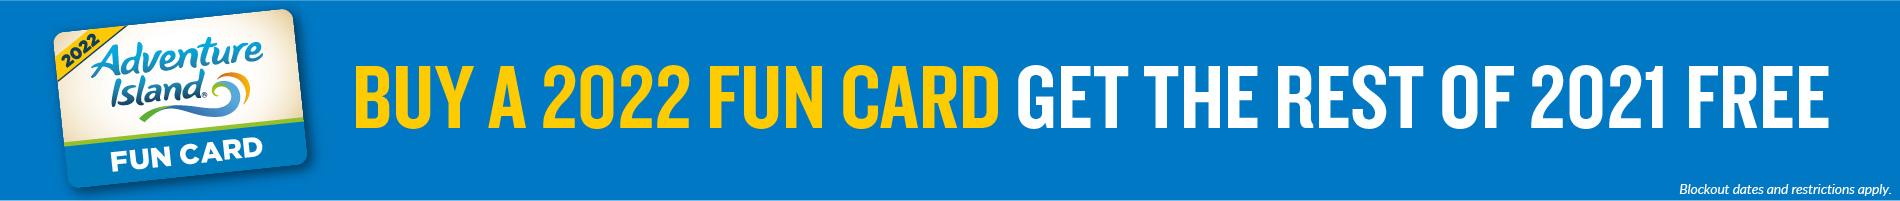 Buy a 2022 Fun Card Get 2021 Free